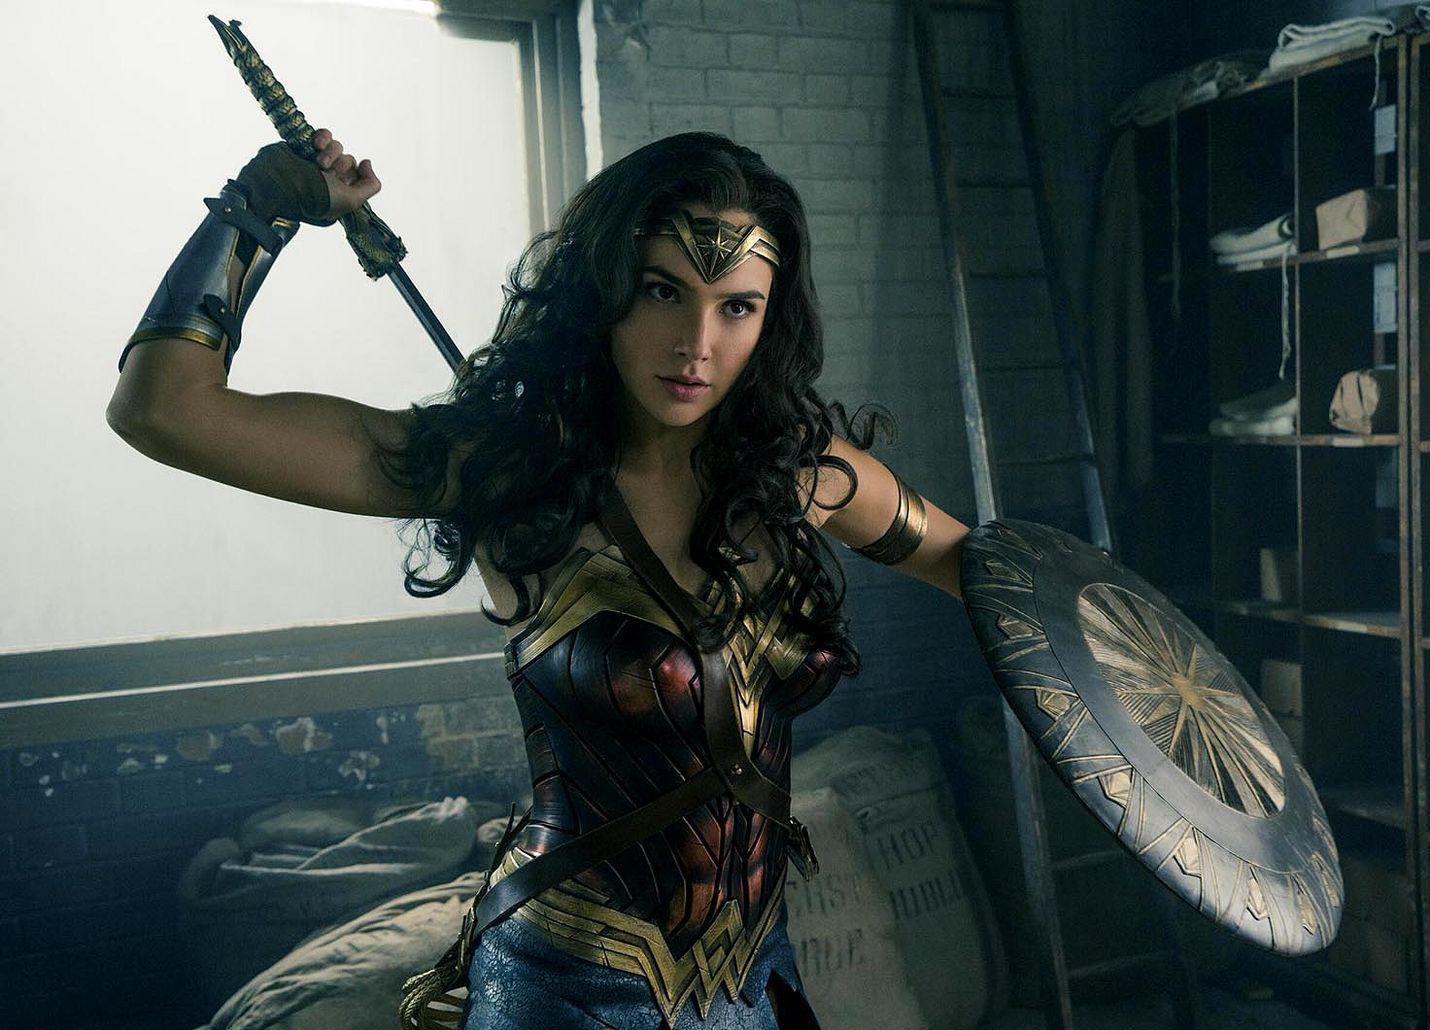 Ennen kuin hänestä tuli Wonder Woman, hän oli Diana, soturiksi koulutettu amatsonien prinsessa.